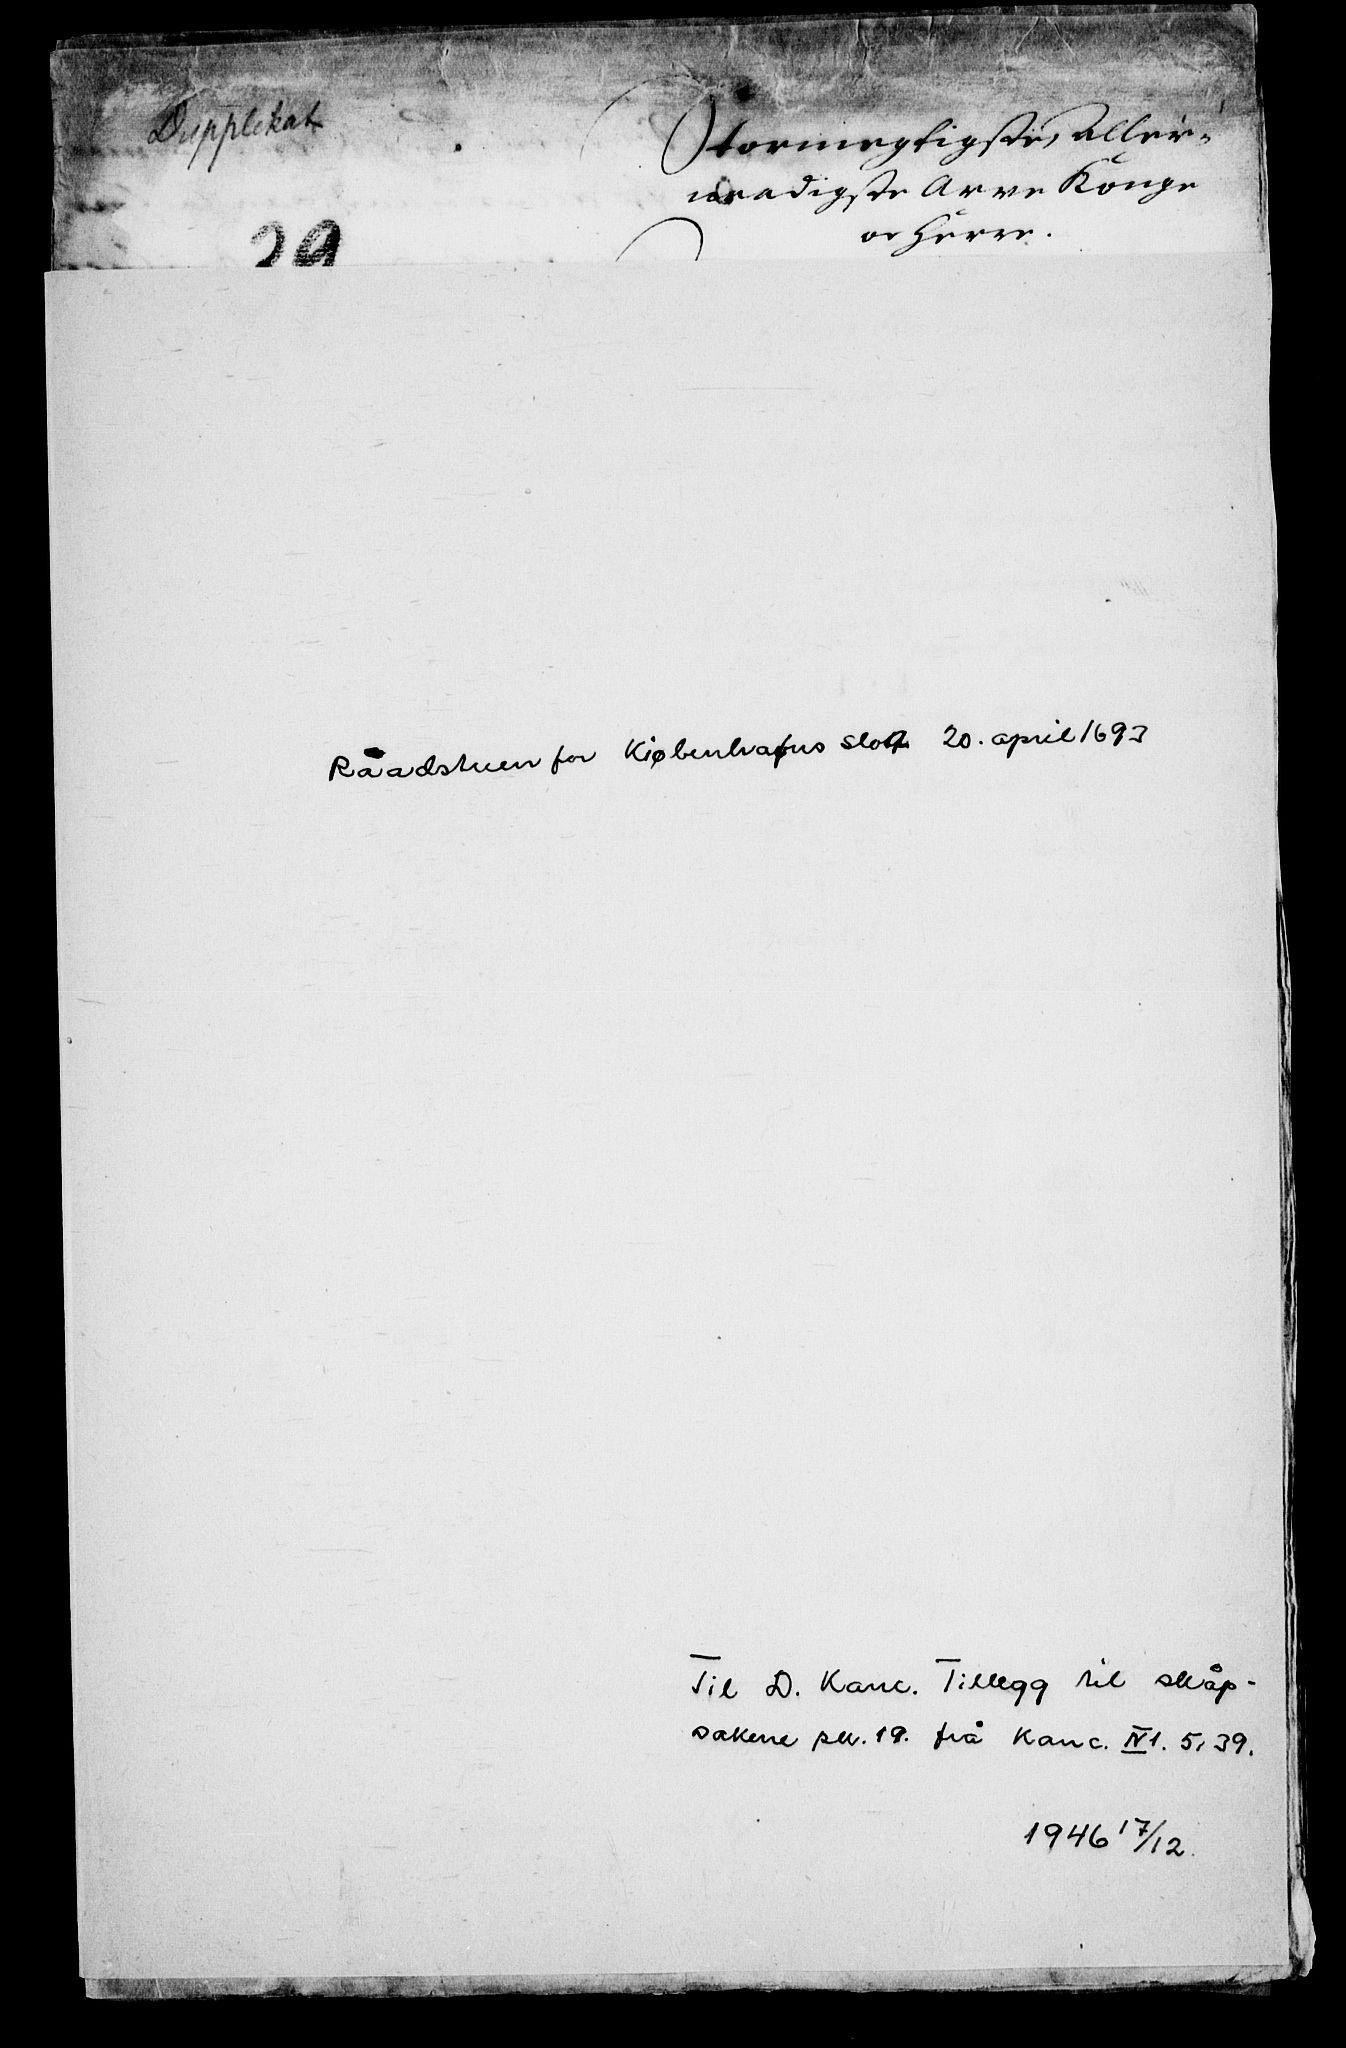 RA, Danske Kanselli, Skapsaker, G/L0019: Tillegg til skapsakene, 1616-1753, p. 272